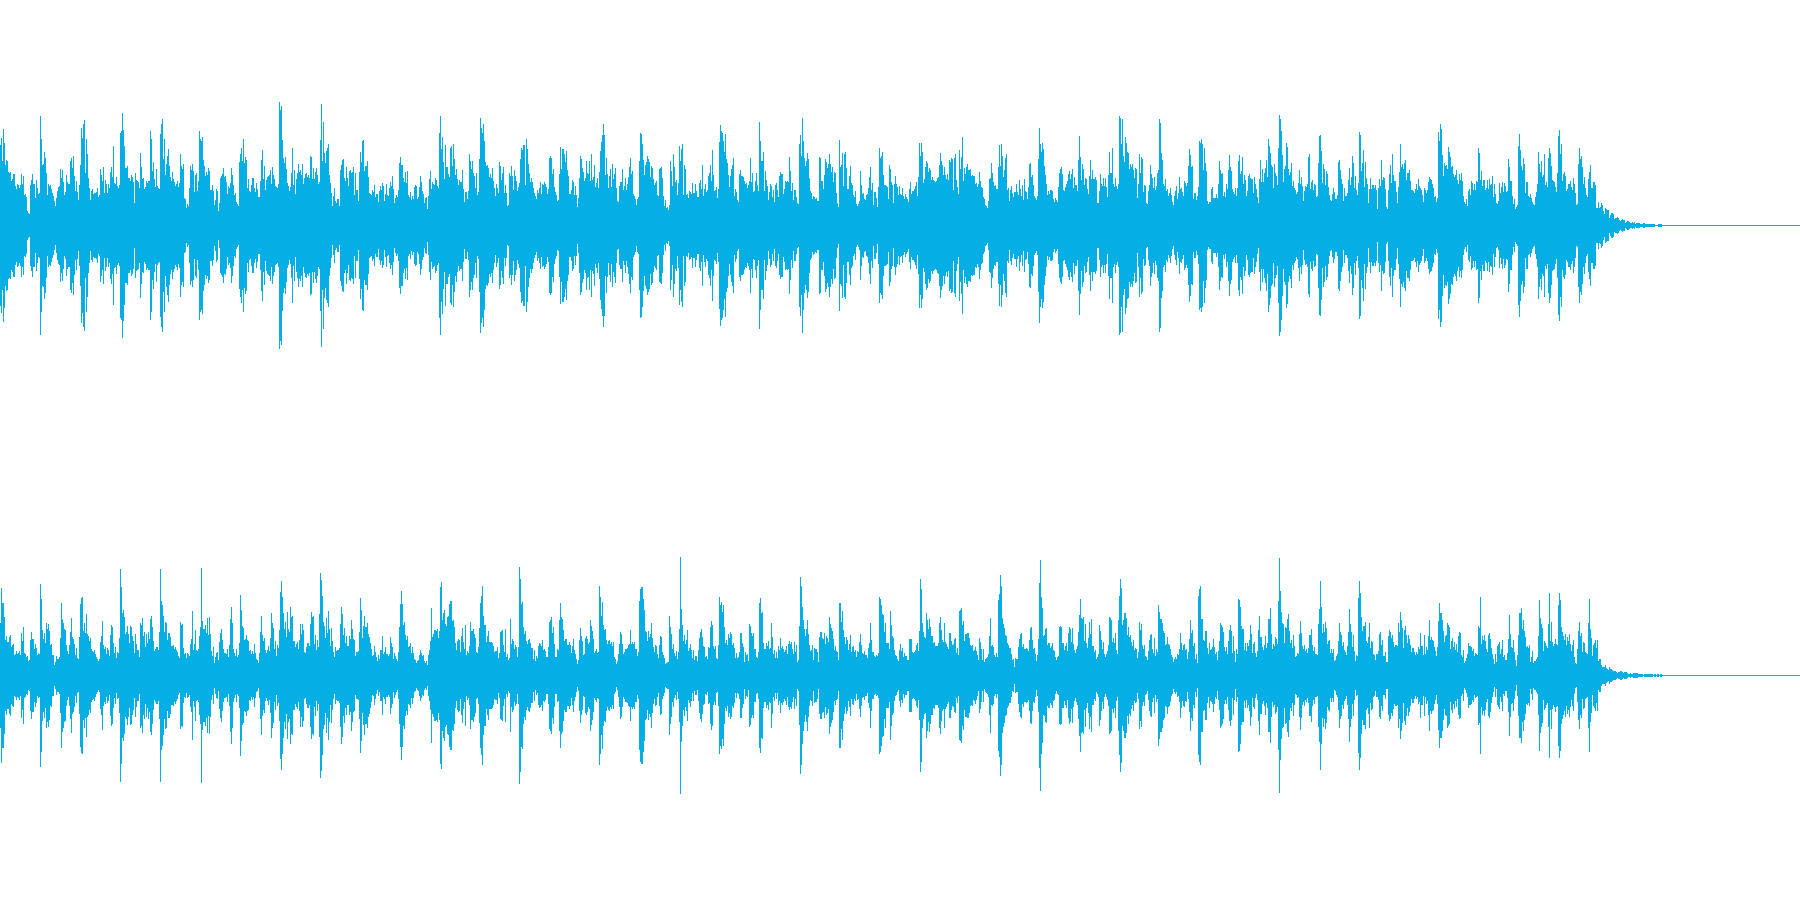 【和風】疾走感の和太鼓、篠笛のお囃子入りの再生済みの波形